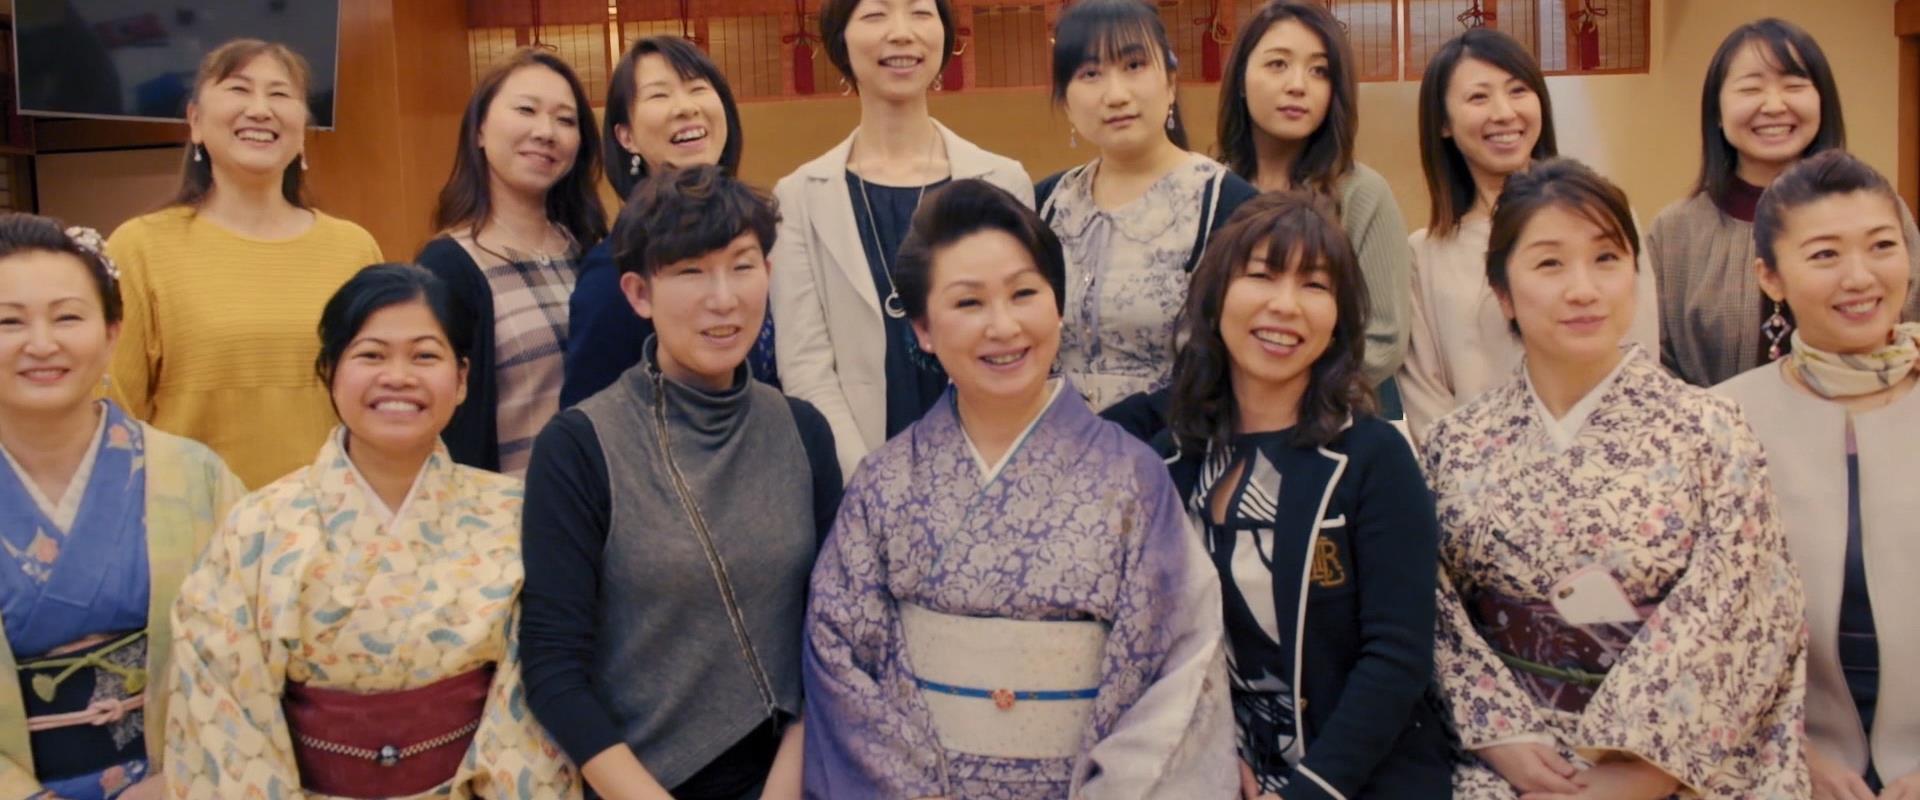 יפן למתקדמים | פרק 1 - תפקידה של אישה